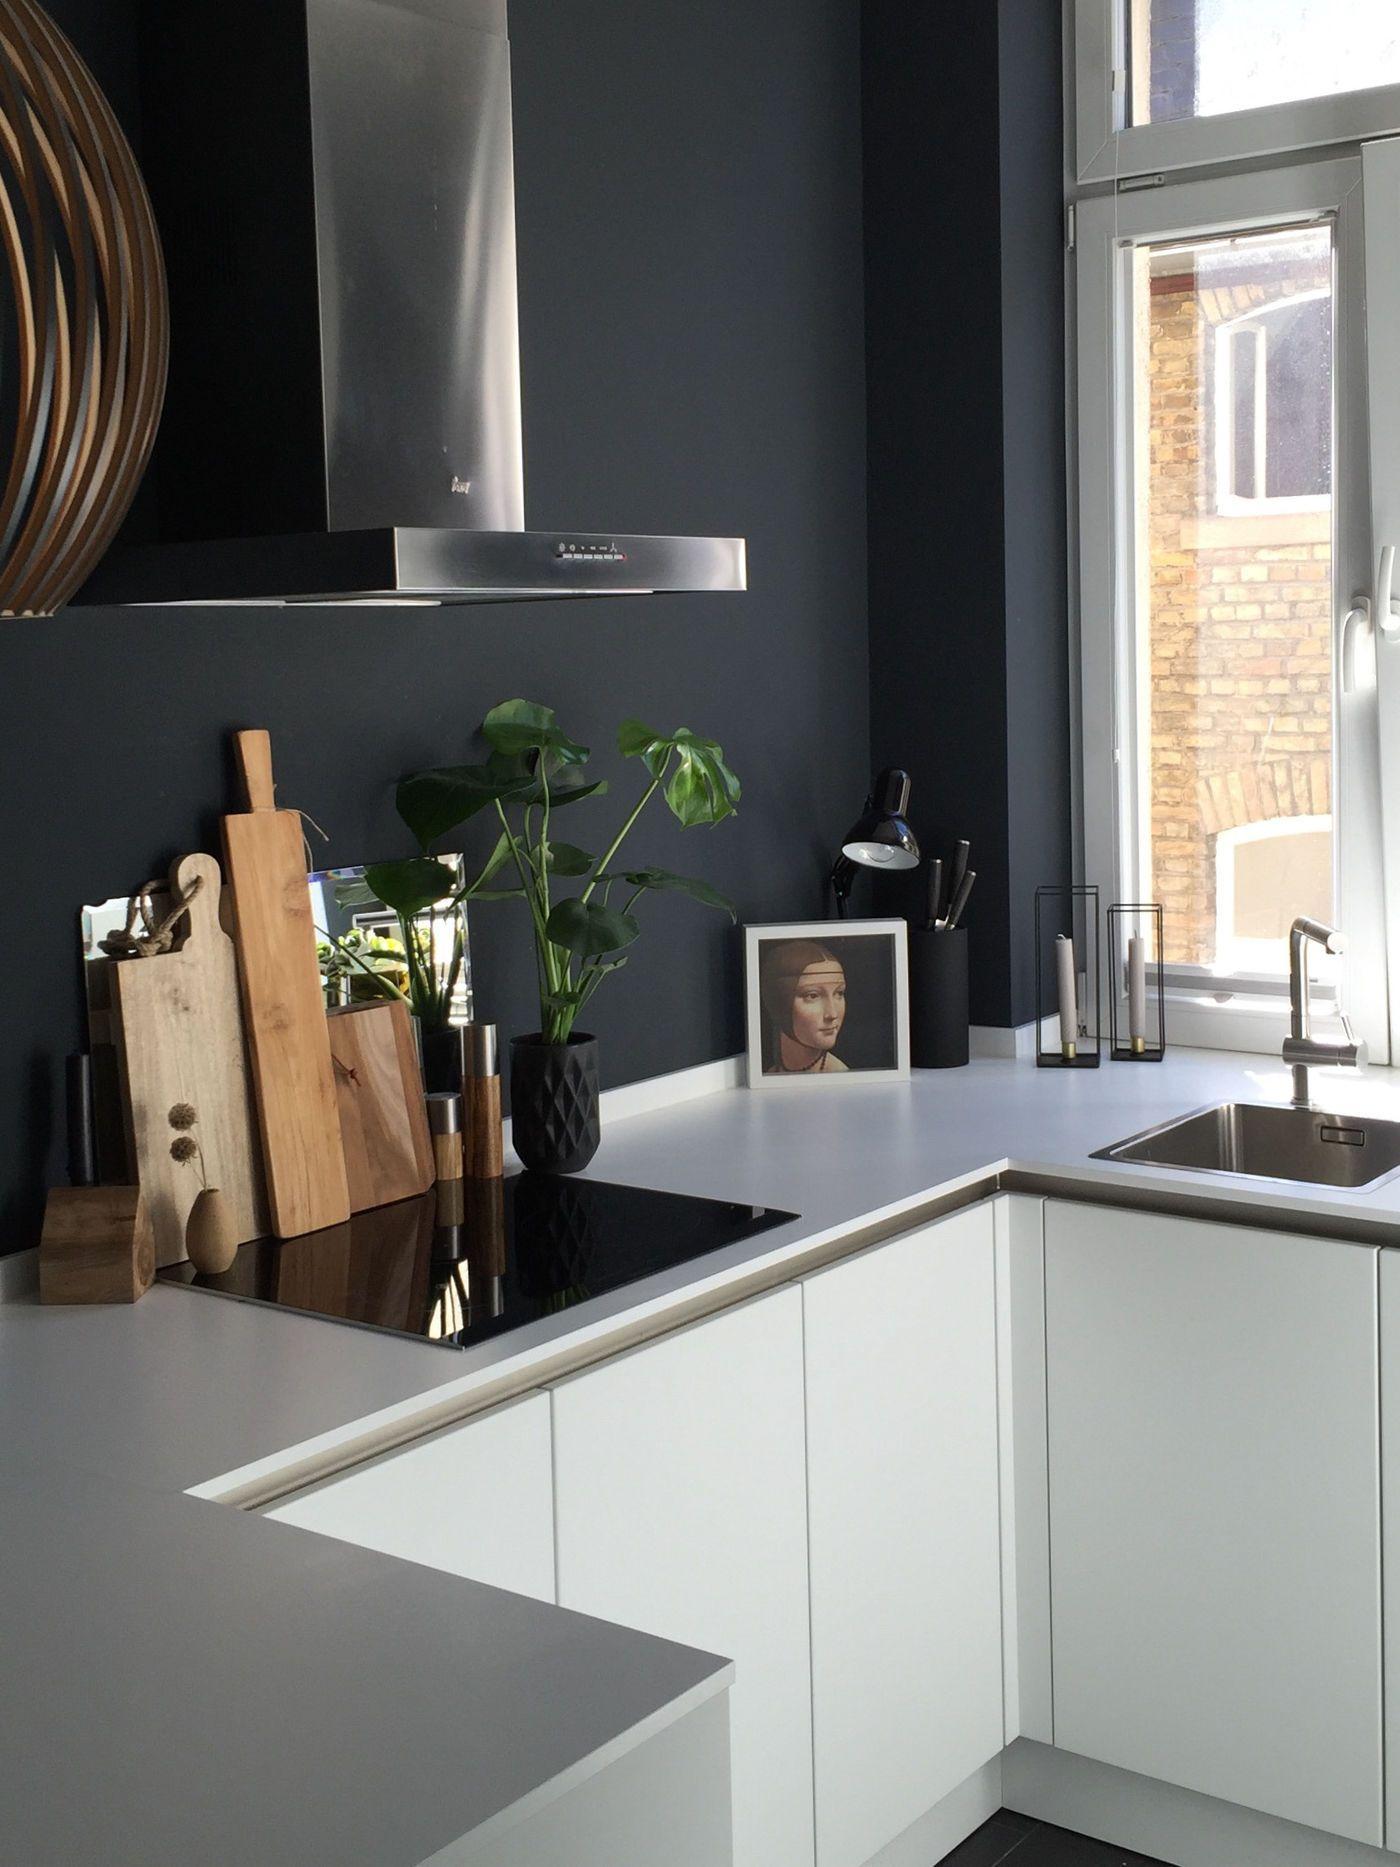 Full Size of Kleines Wohnzimmer Mit Küche Einrichten Küche Einrichten Youtube Koschere Küche Einrichten Küche Einrichten Shabby Chic Küche Küche Einrichten